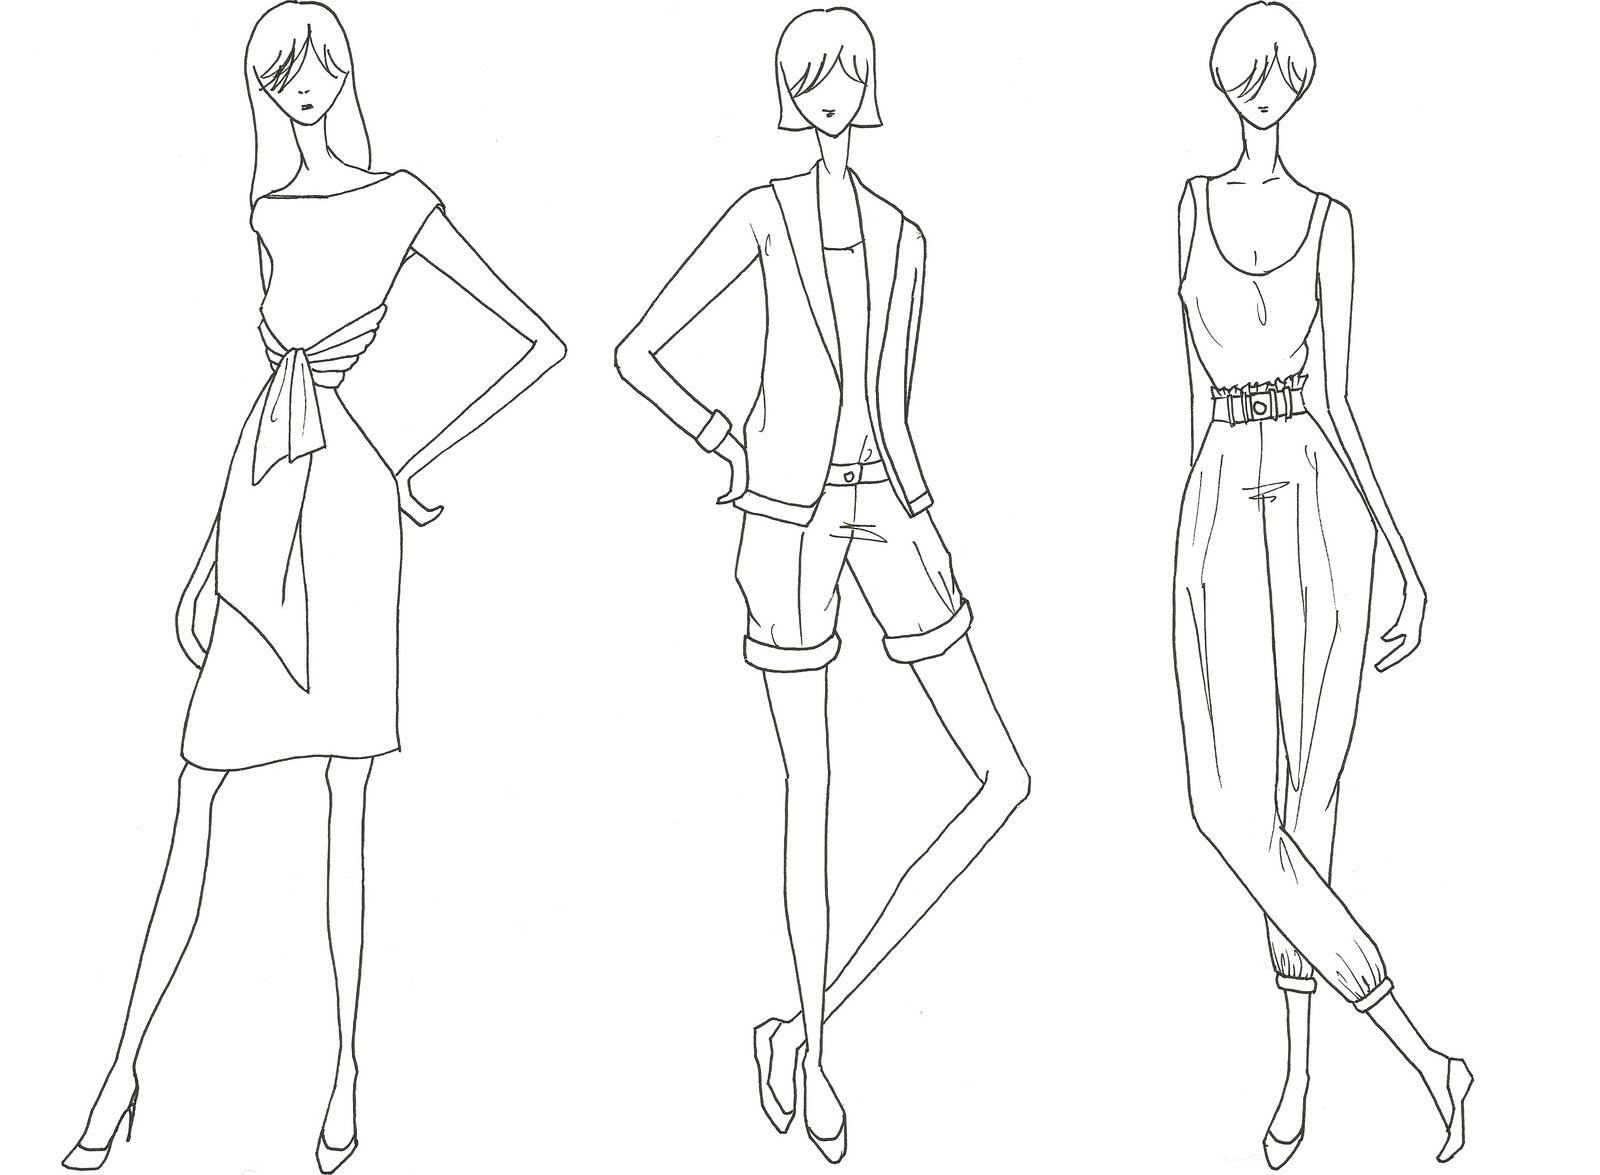 mutinee: Fashion Figure Drawing of mine: mutinee-dumpling.blogspot.com/2010/08/fashion-figure-drawing-of...